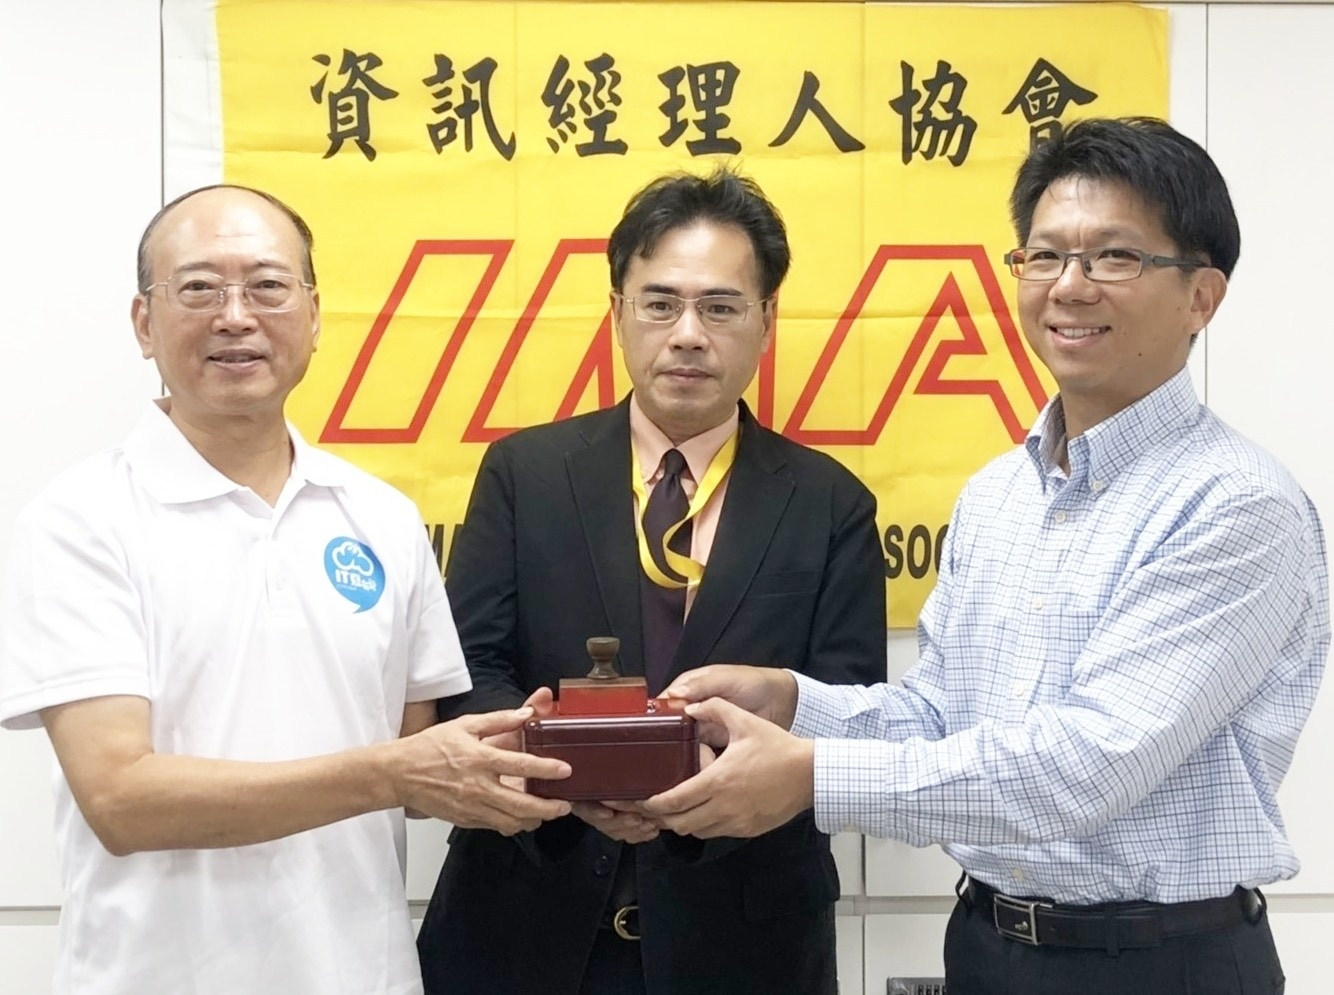 聚碩董座李昌鴻接任資訊經理人協會理事長,抓住轉型契機,推資訊人才與企業接軌